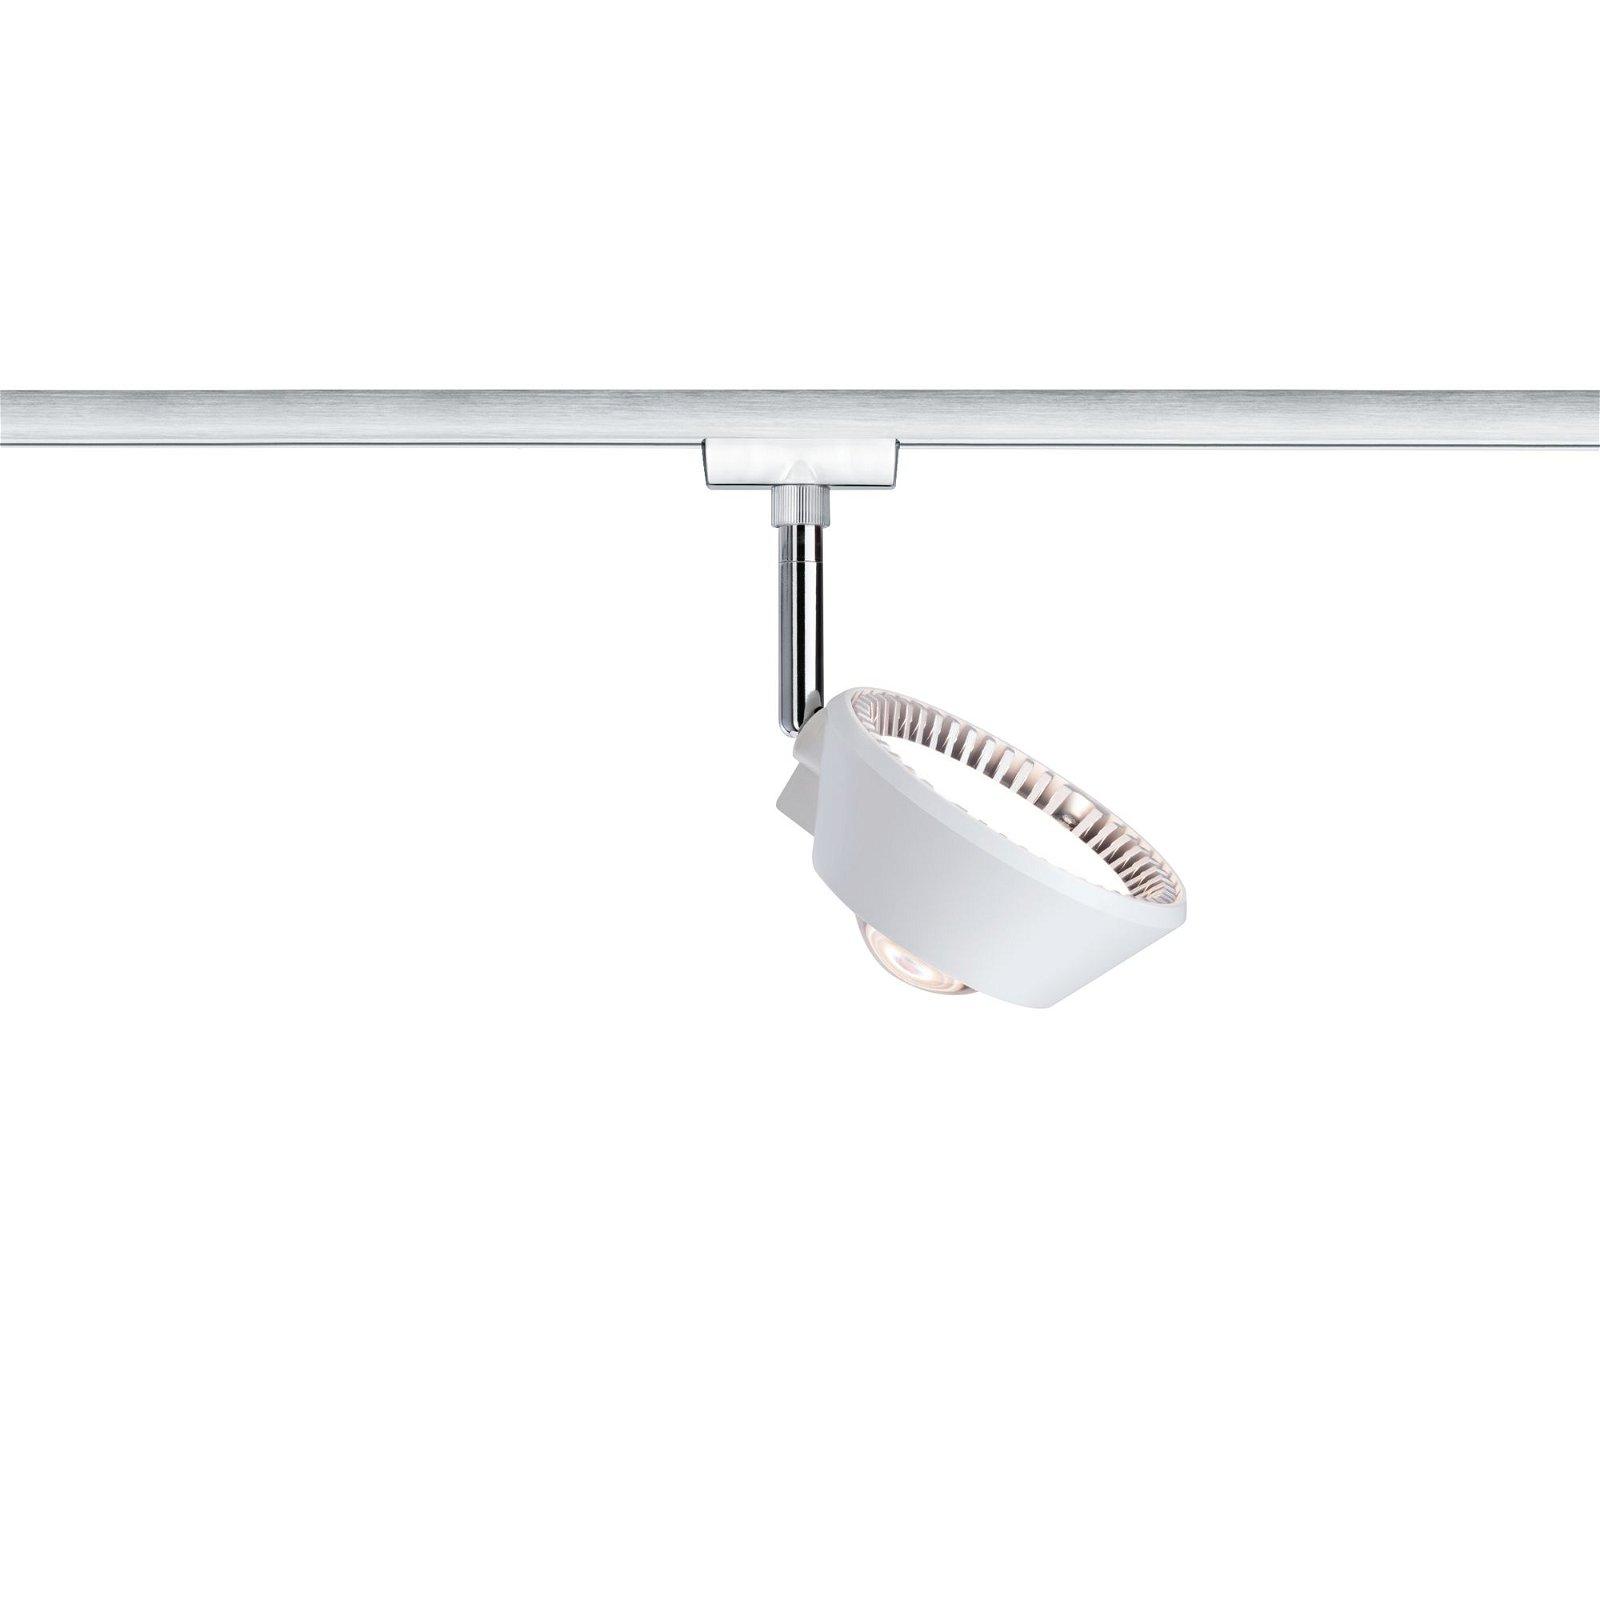 VariLine LED Spot Sabik 9 / 1x4W Weiß matt/Chrom